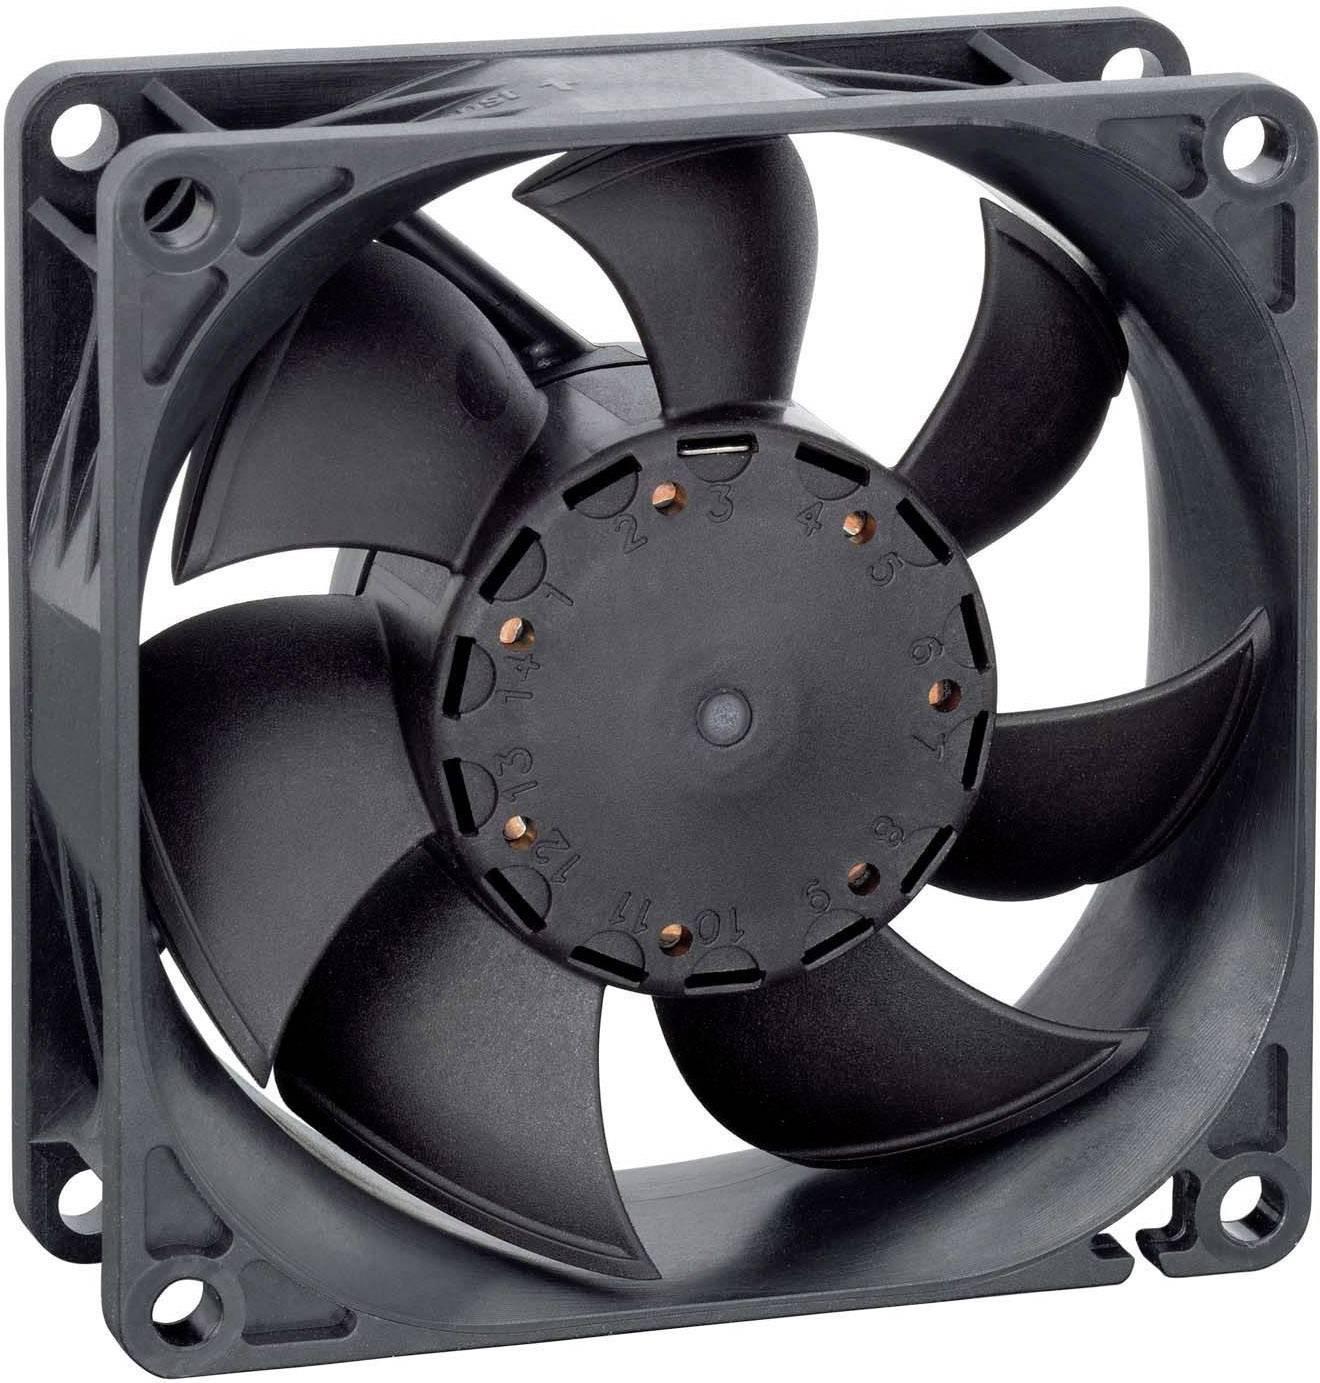 NMB Minebea 3110KL-05W-B50 Axiallüfter 24 V//DC 66 m³//h 80 x 80 x 25 L x B x H